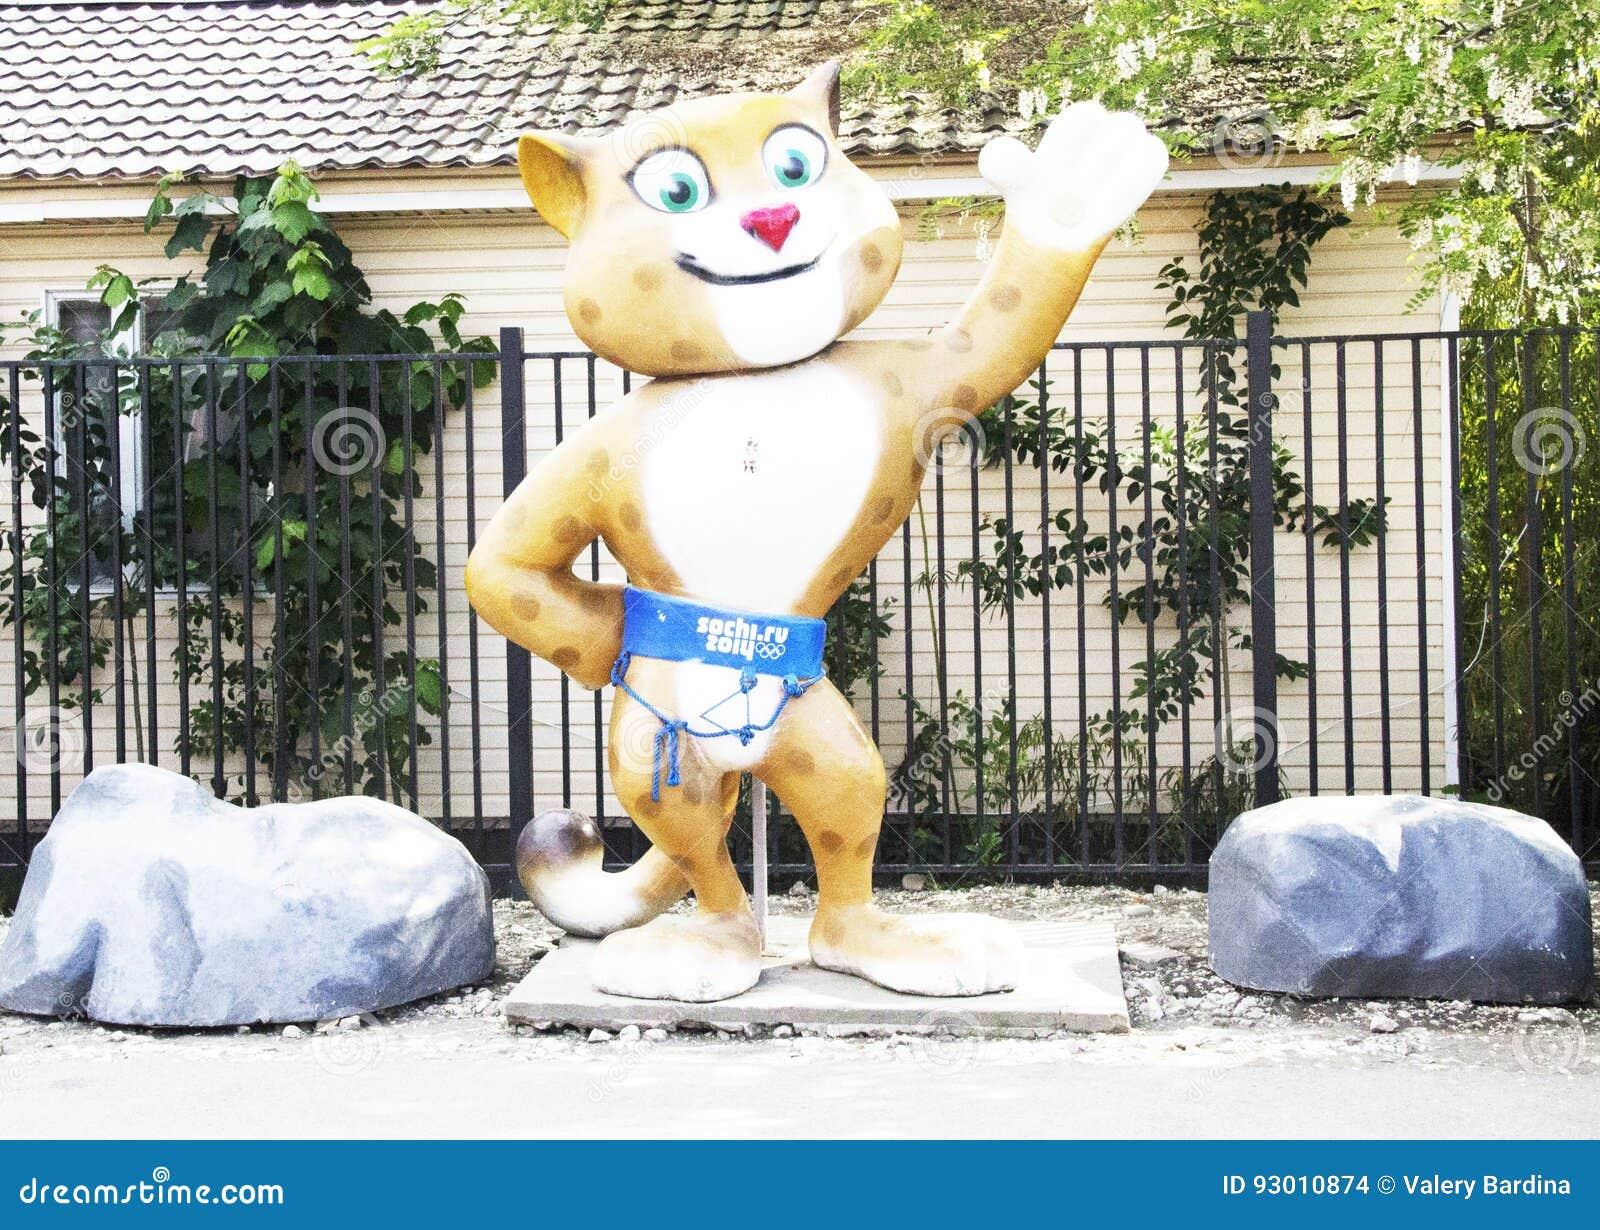 Олимпийский кот редакционное стоковое изображение. изображение насчитывающей - 93010874